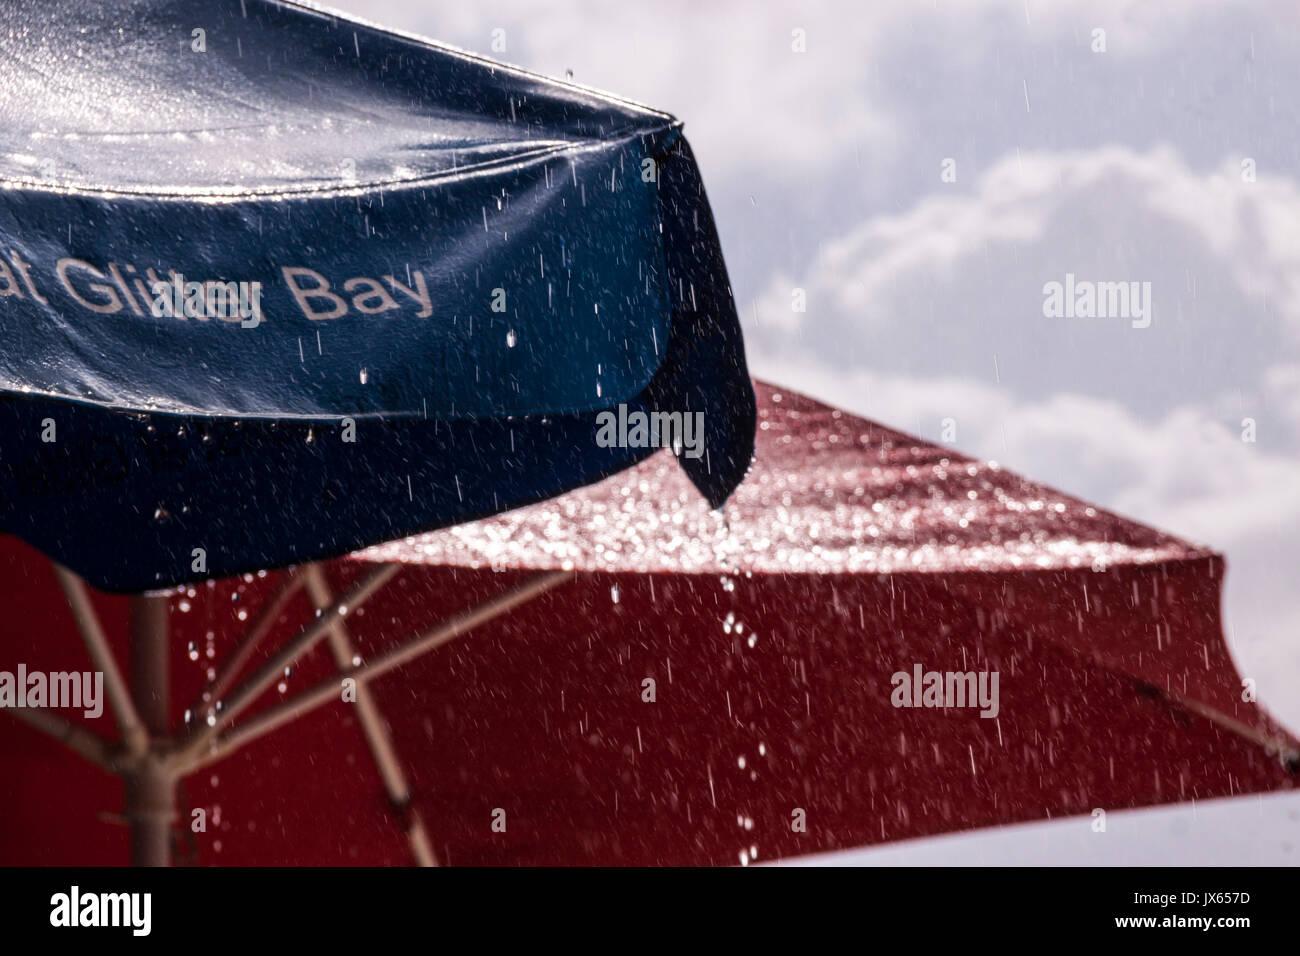 Regen Gießen von Sonnenschirmen in Barbados, Karibik Inseln Stockbild